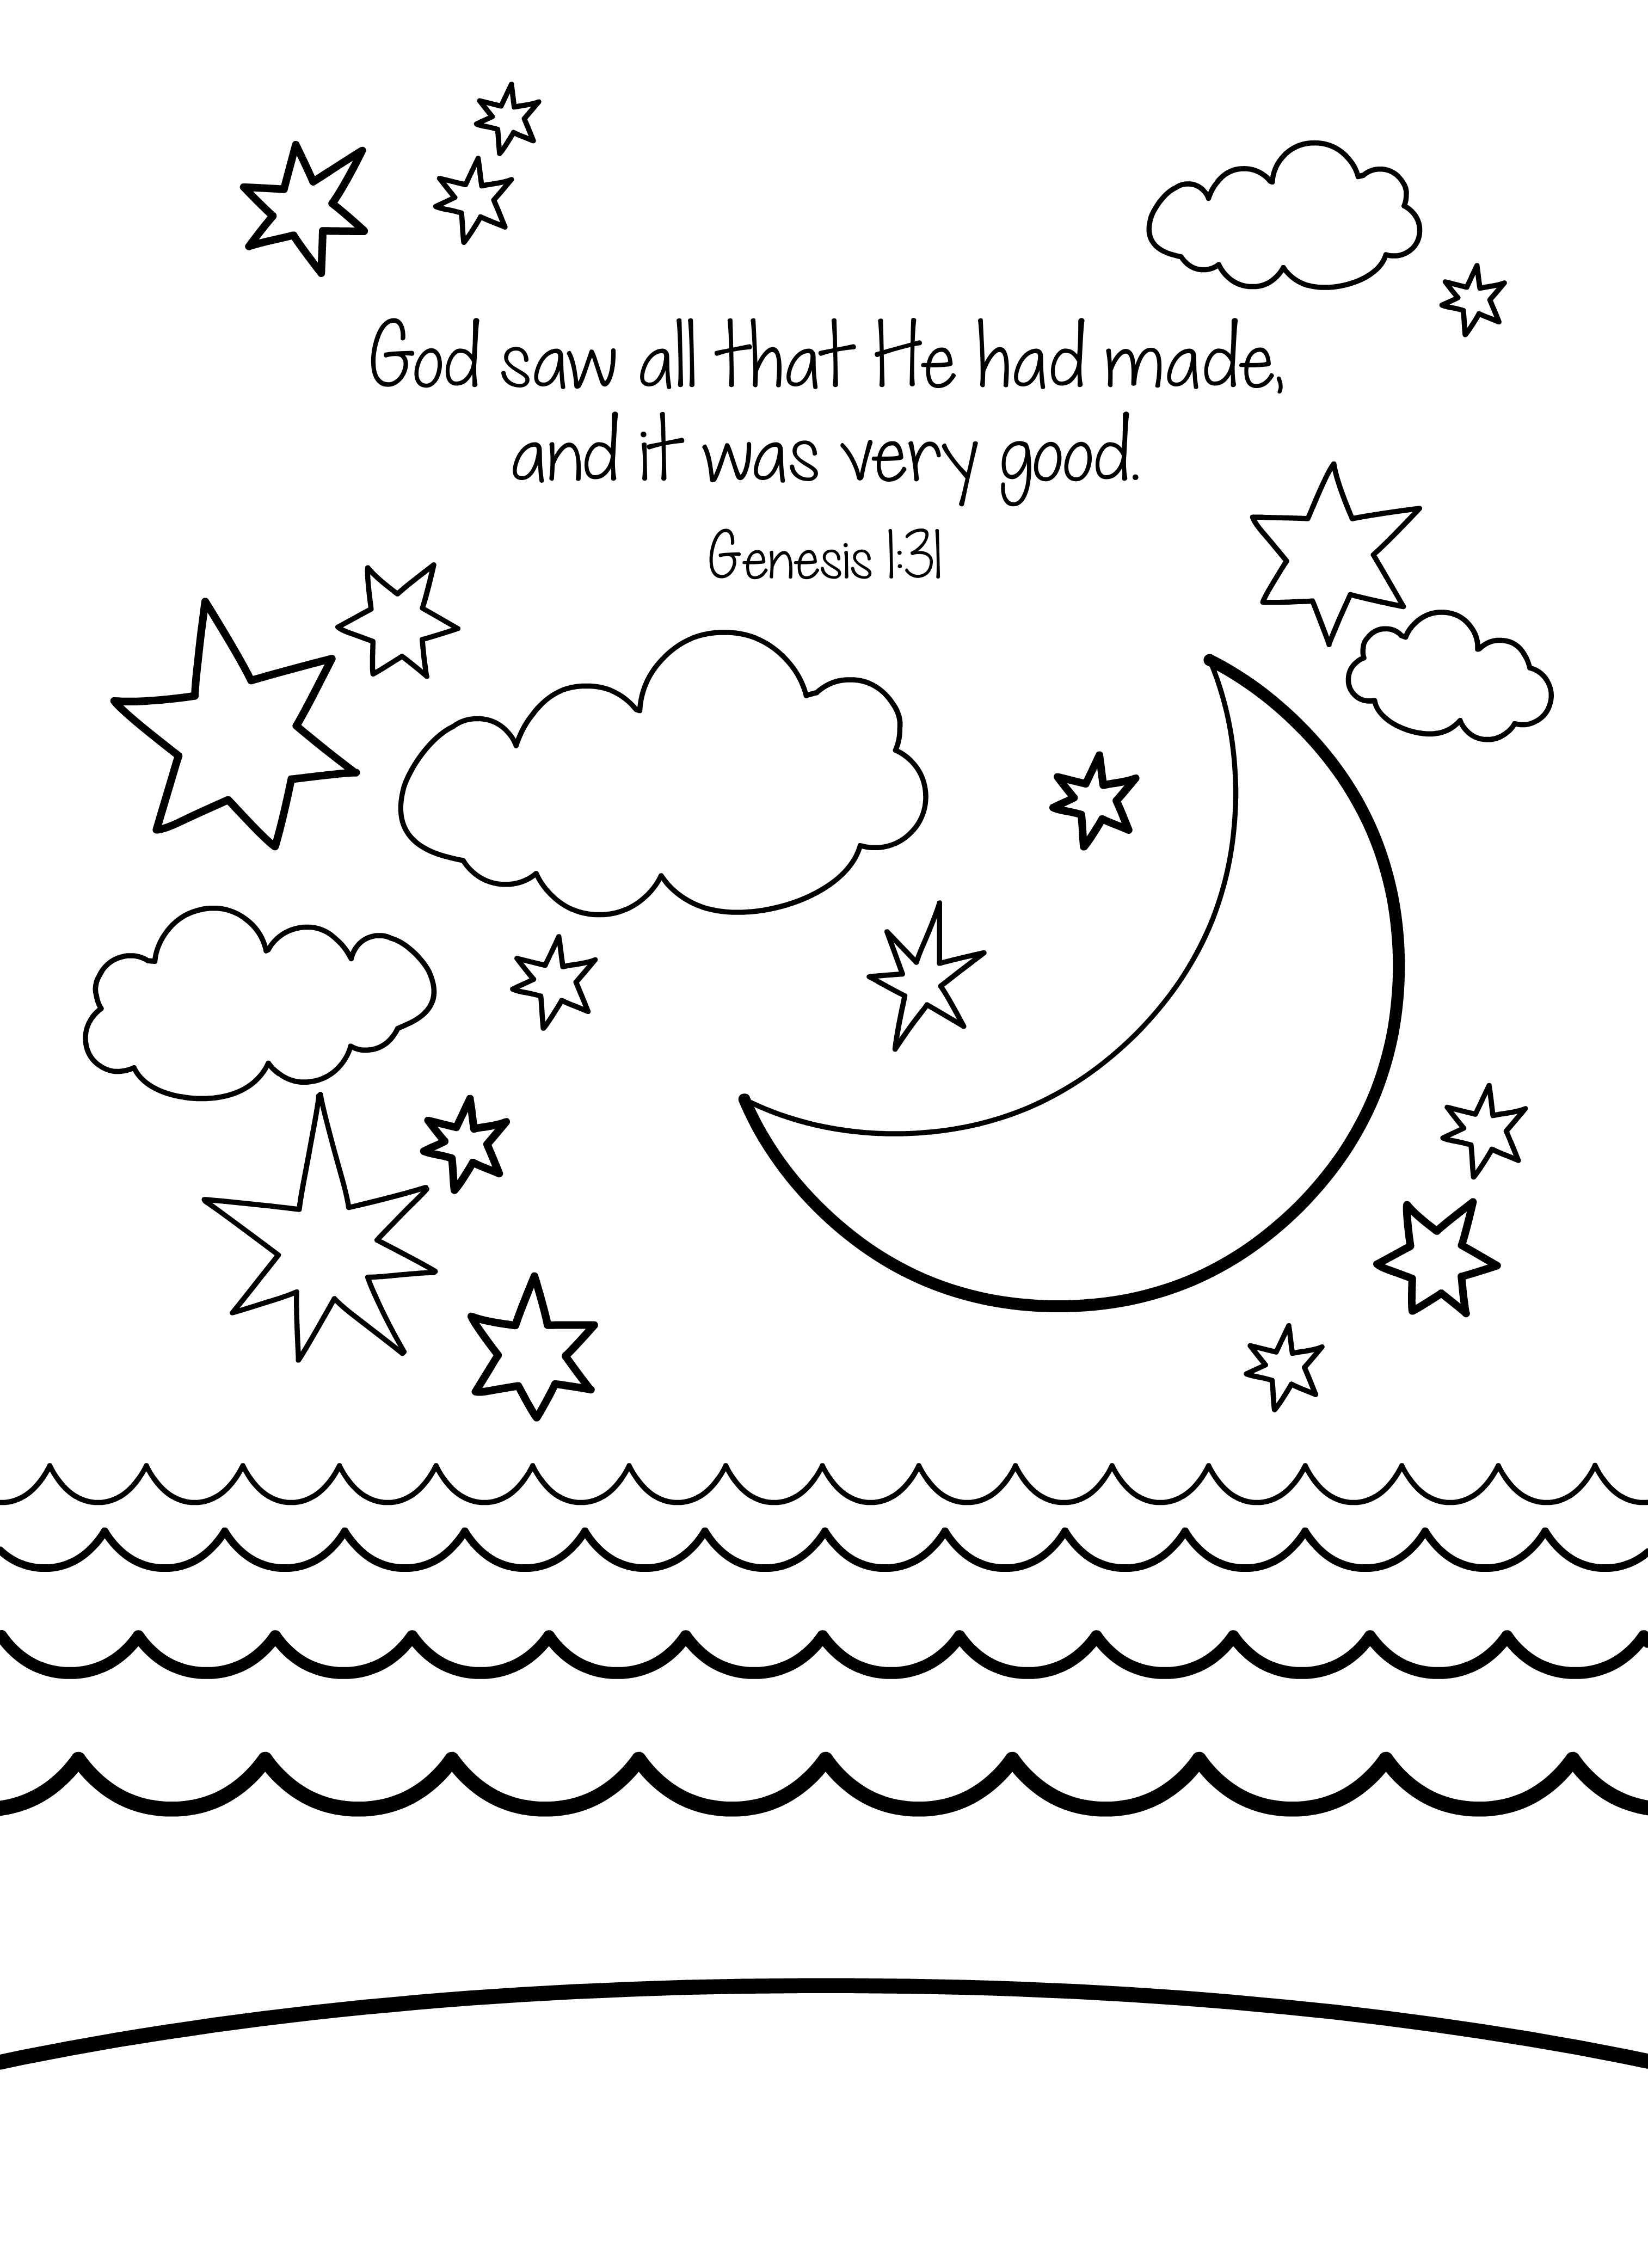 Bible Memory Verse Coloring Sheet | Creation | Free ...